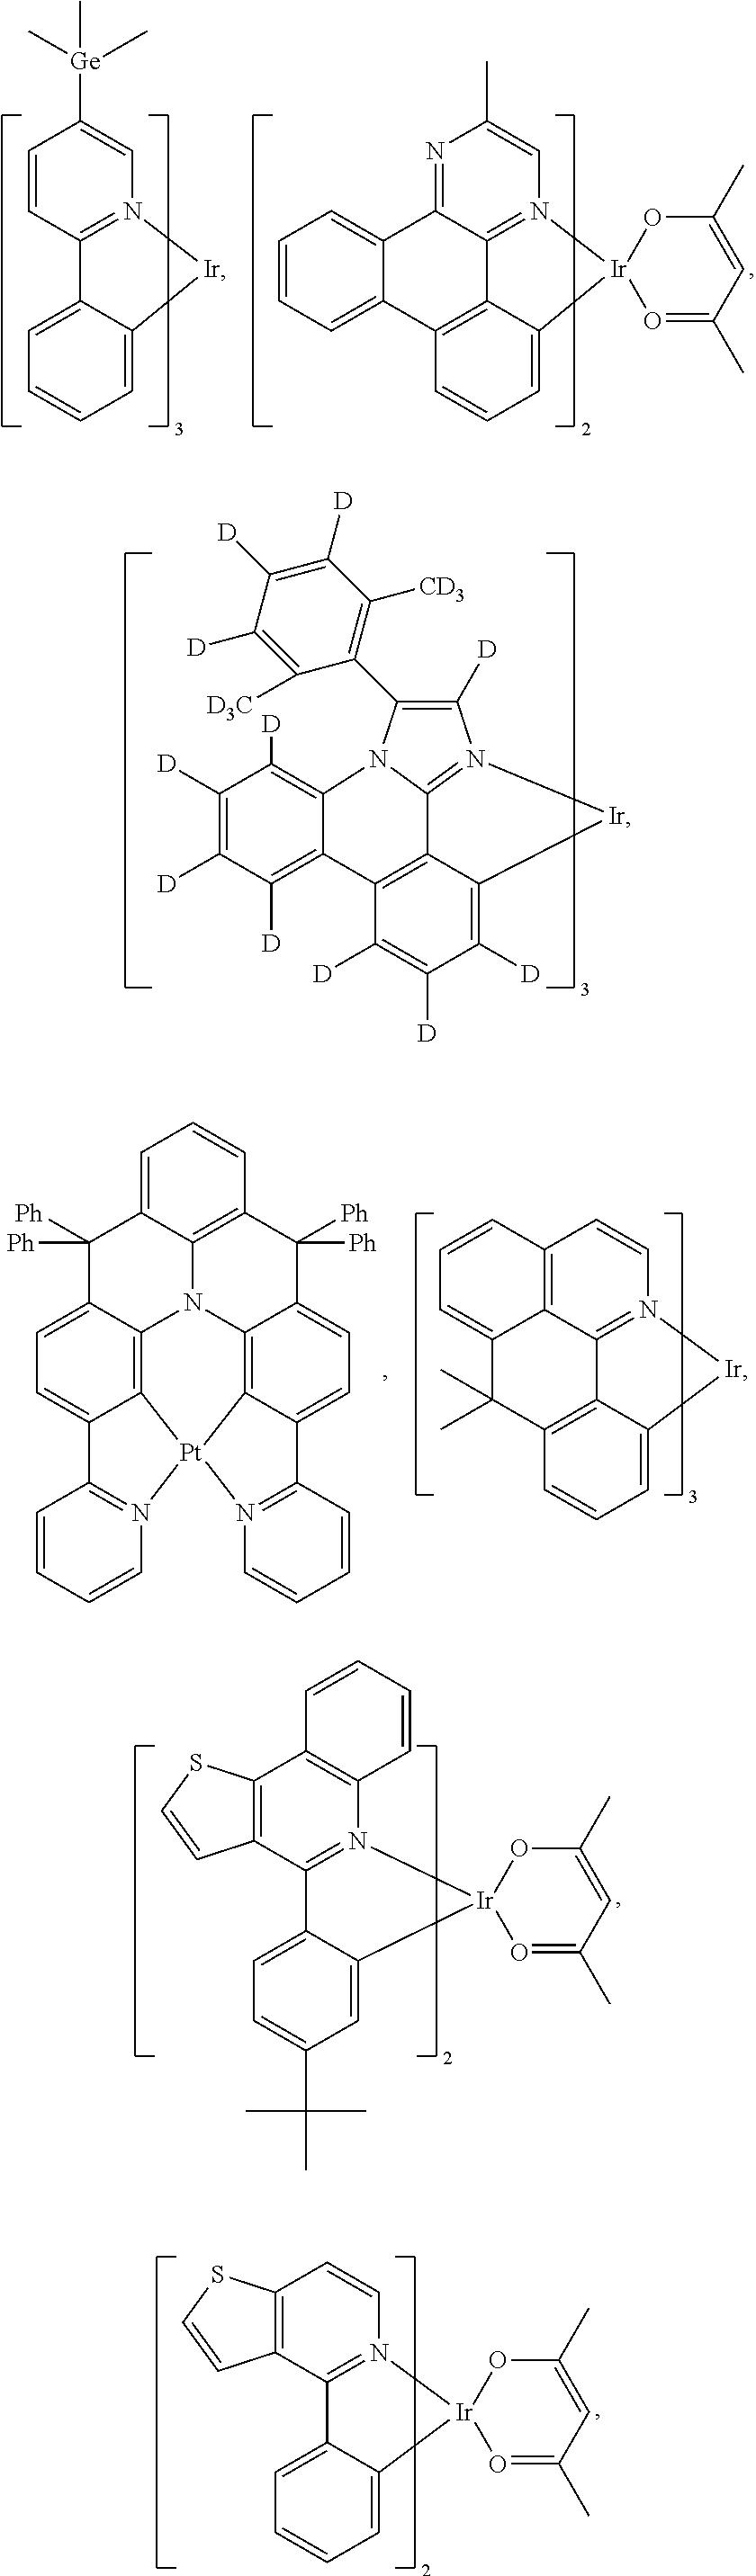 Figure US09978956-20180522-C00082